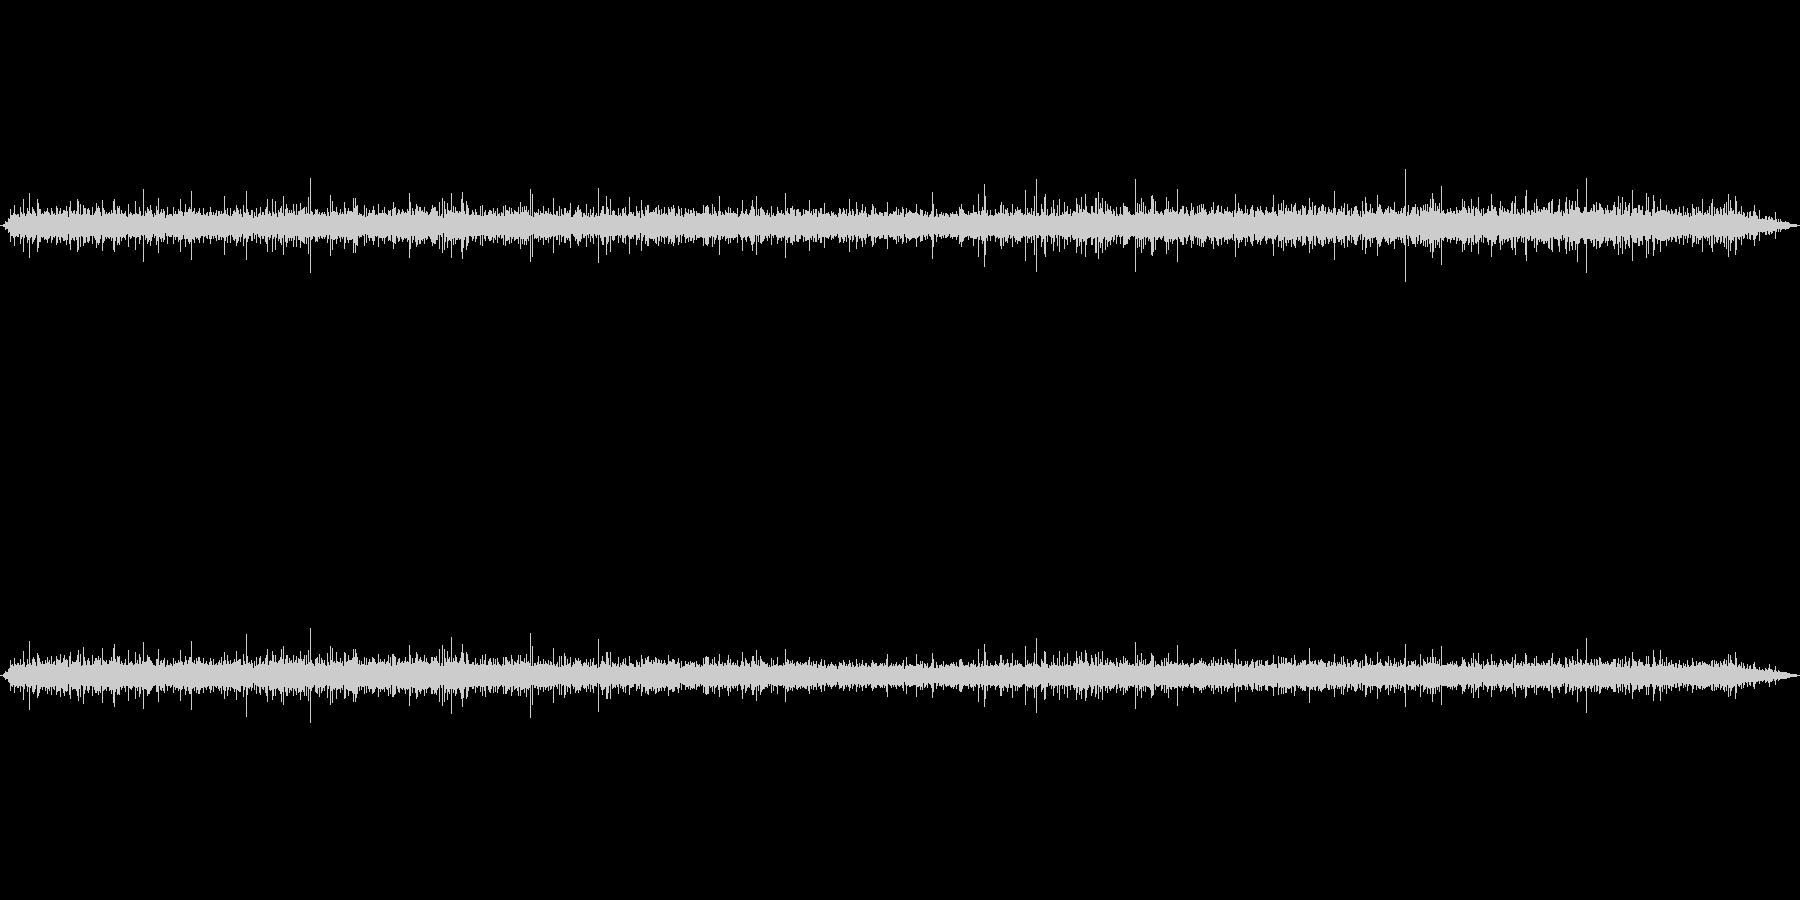 田園 サバンナダムオーバーフロー02の未再生の波形